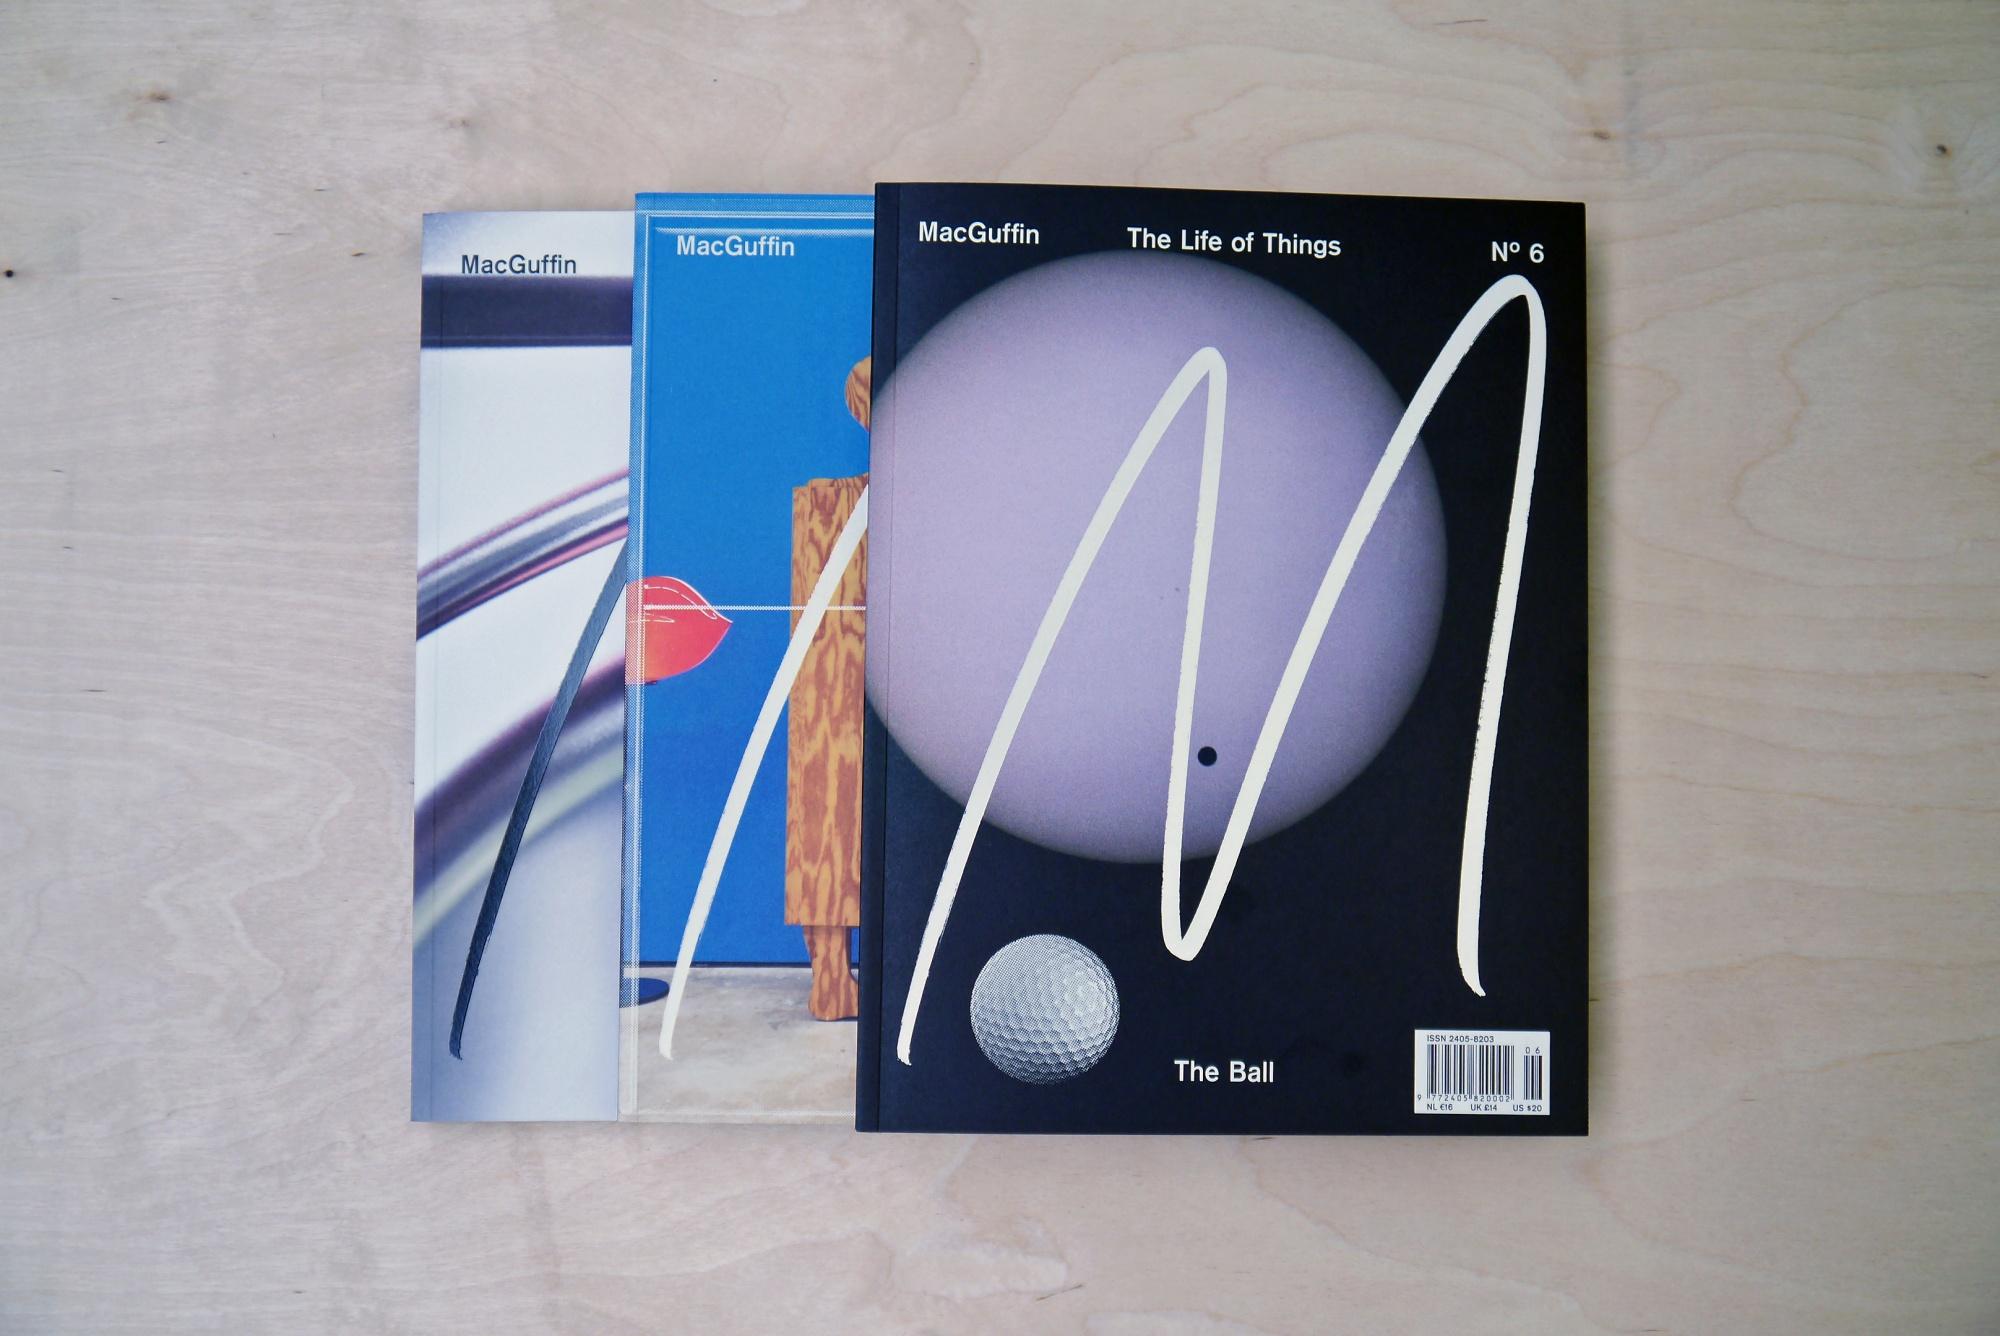 MacGuffin Magazine